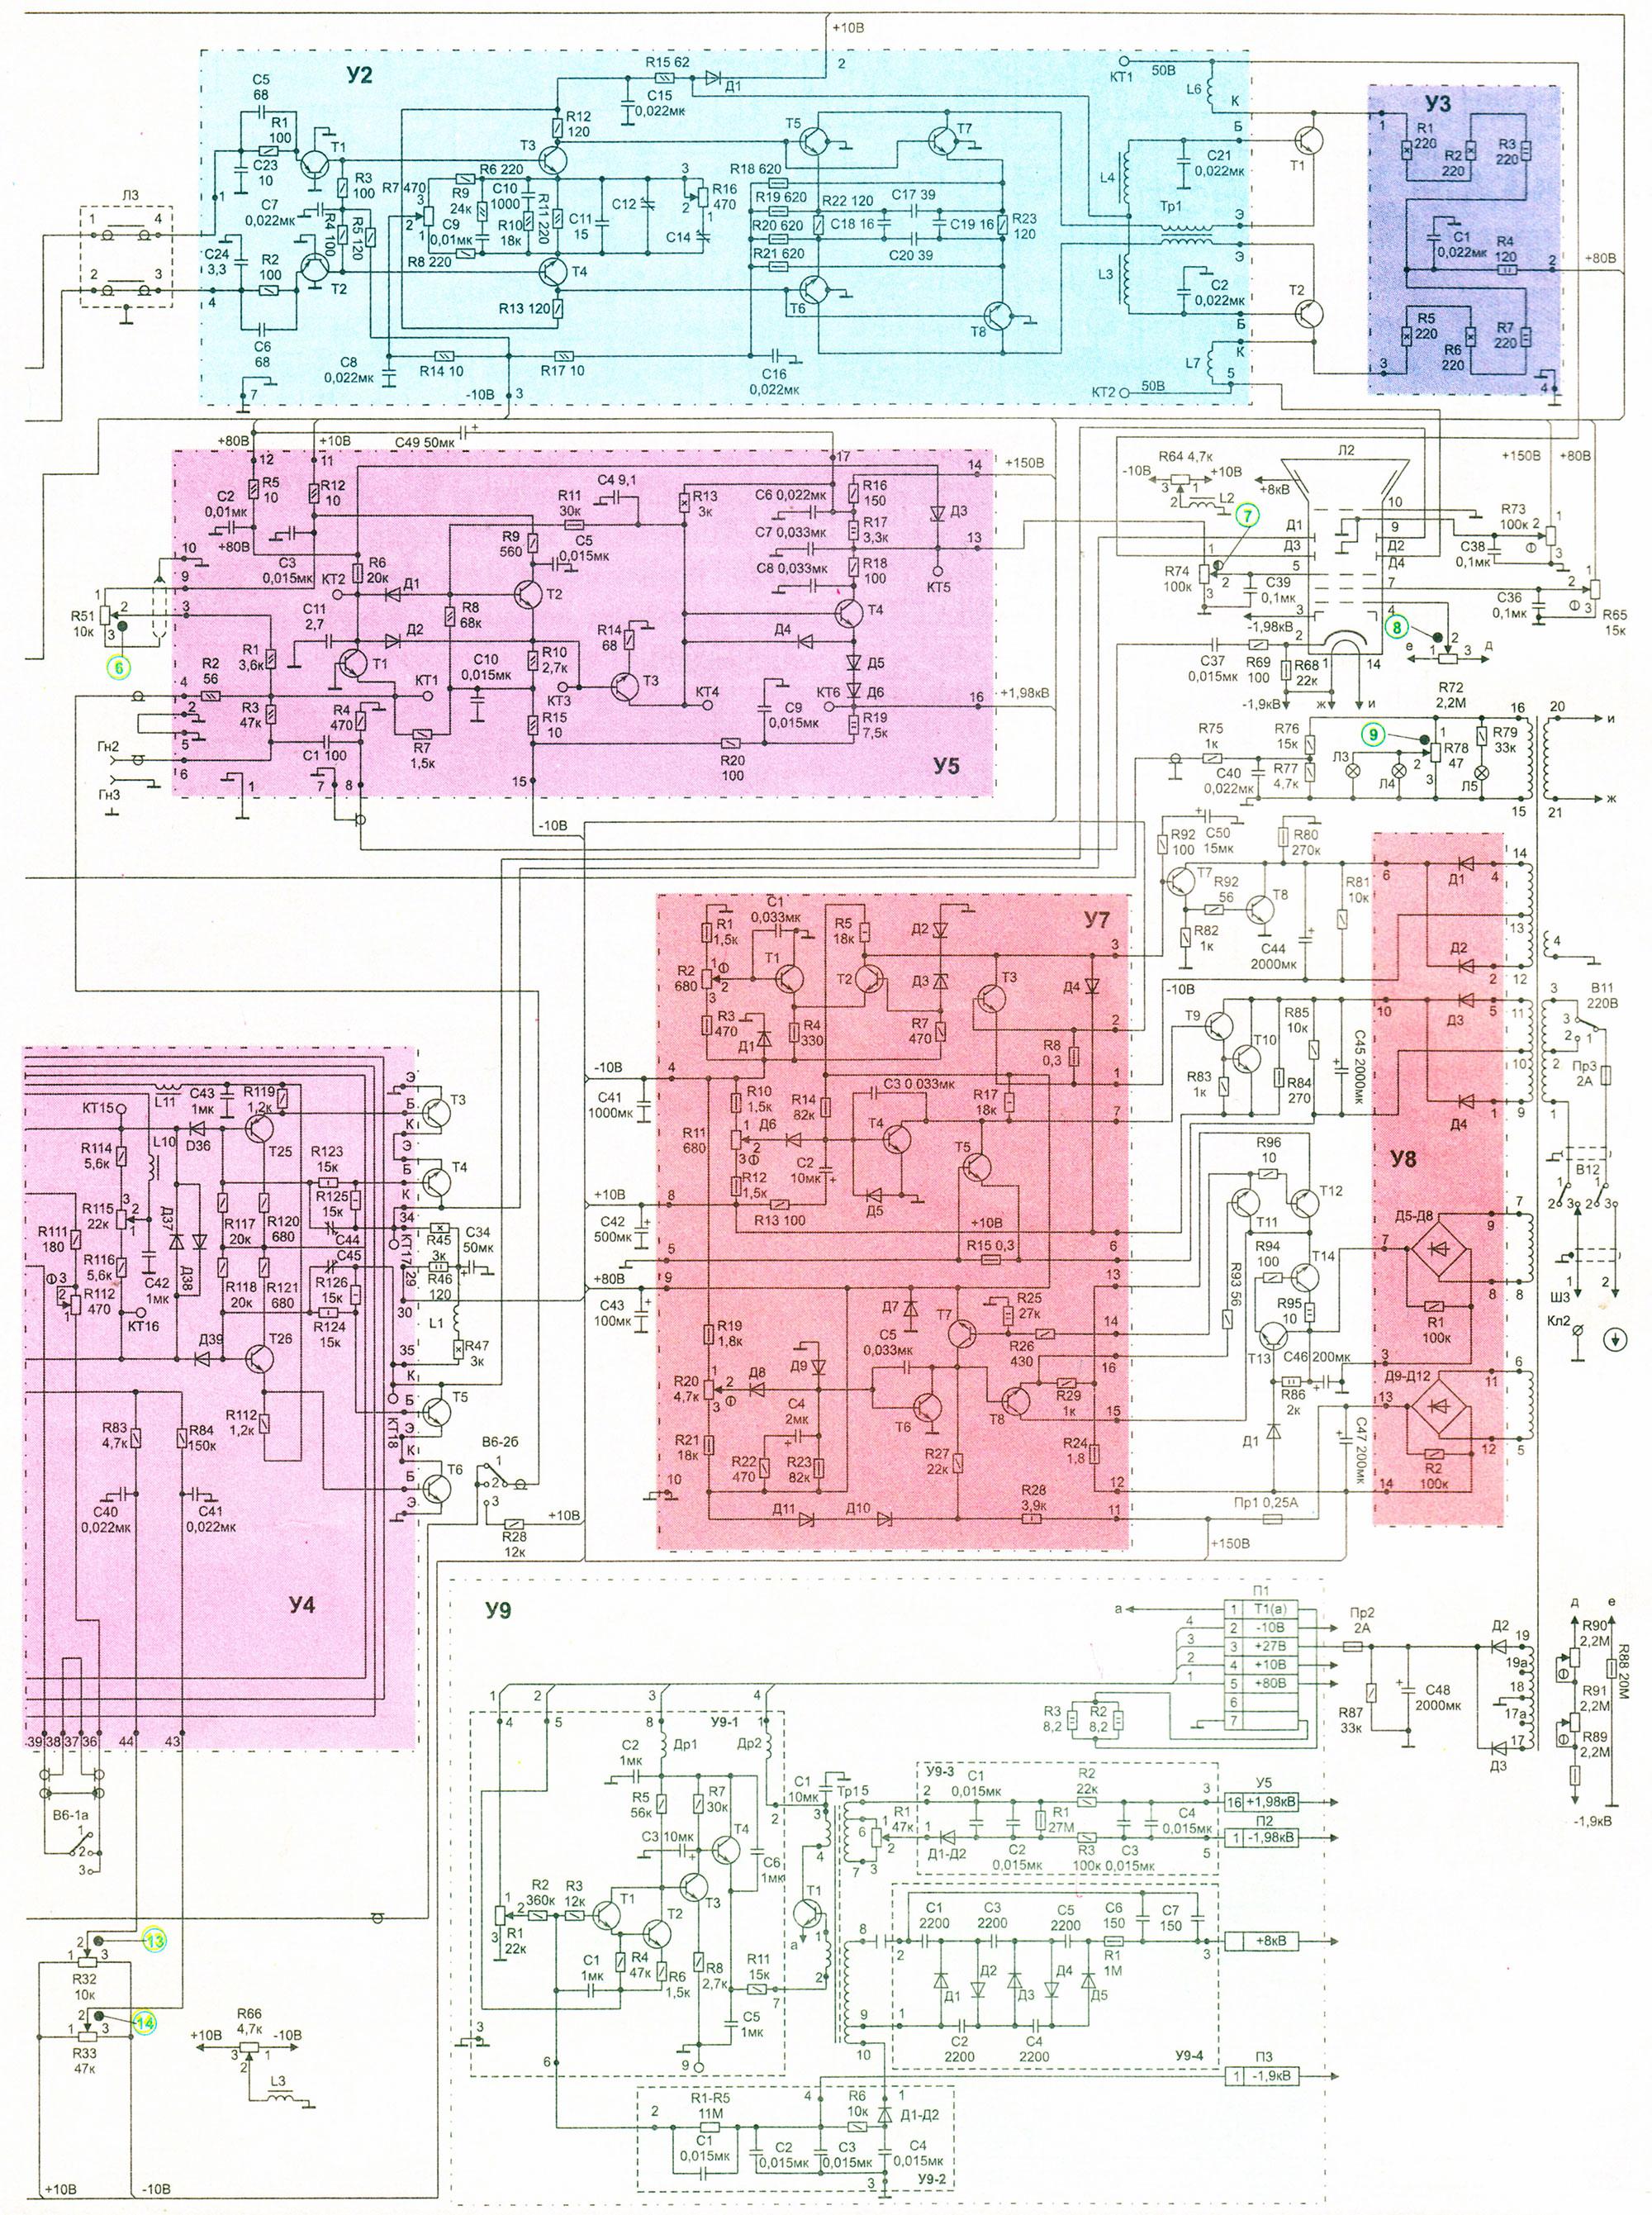 Принципиальная схема осциллографа С1-65 часть 2